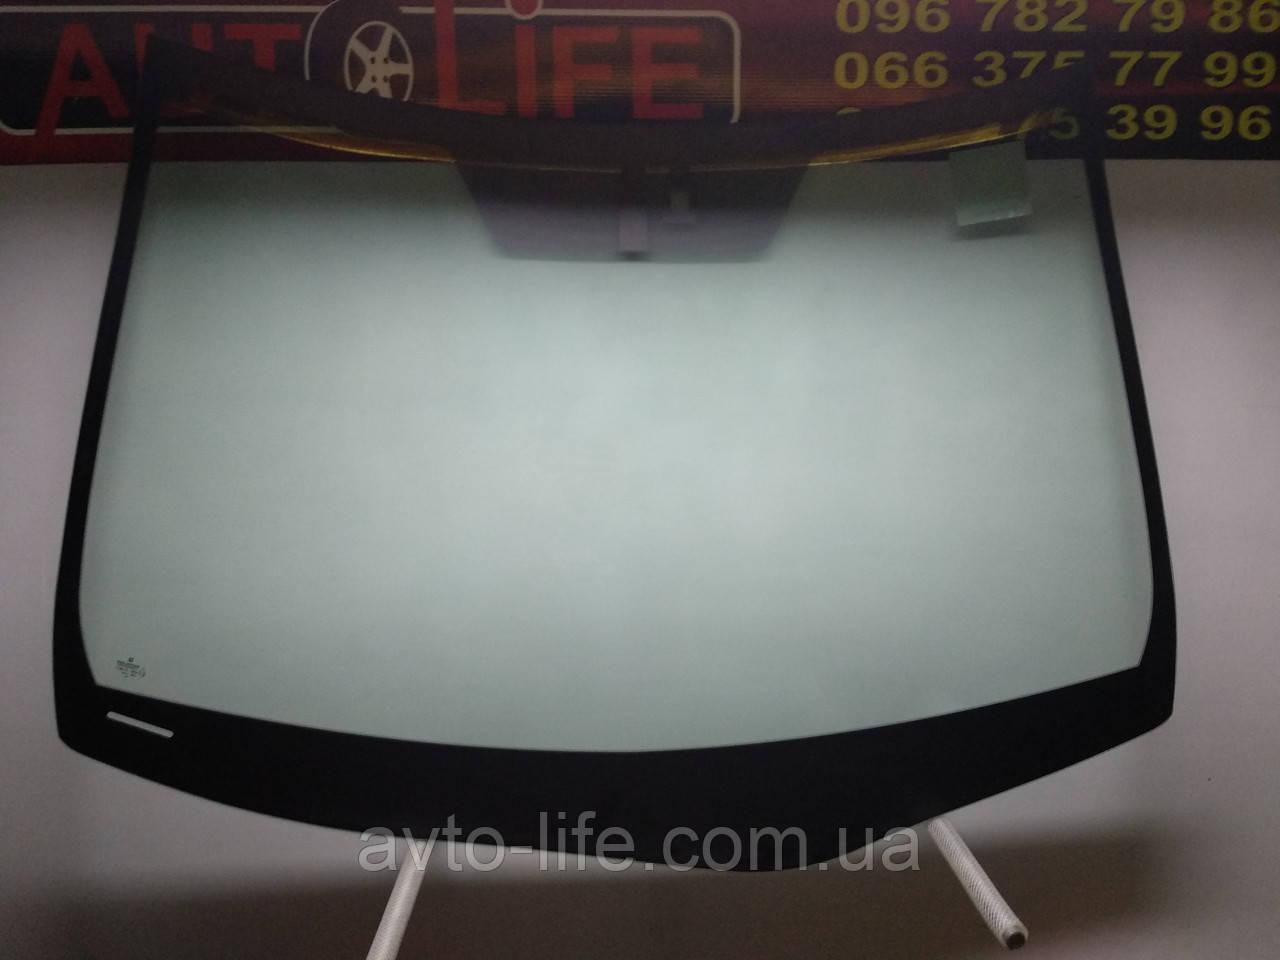 Лобовое стекло LEXUS RX 350/450H Автостекло Лексус РХ350 450